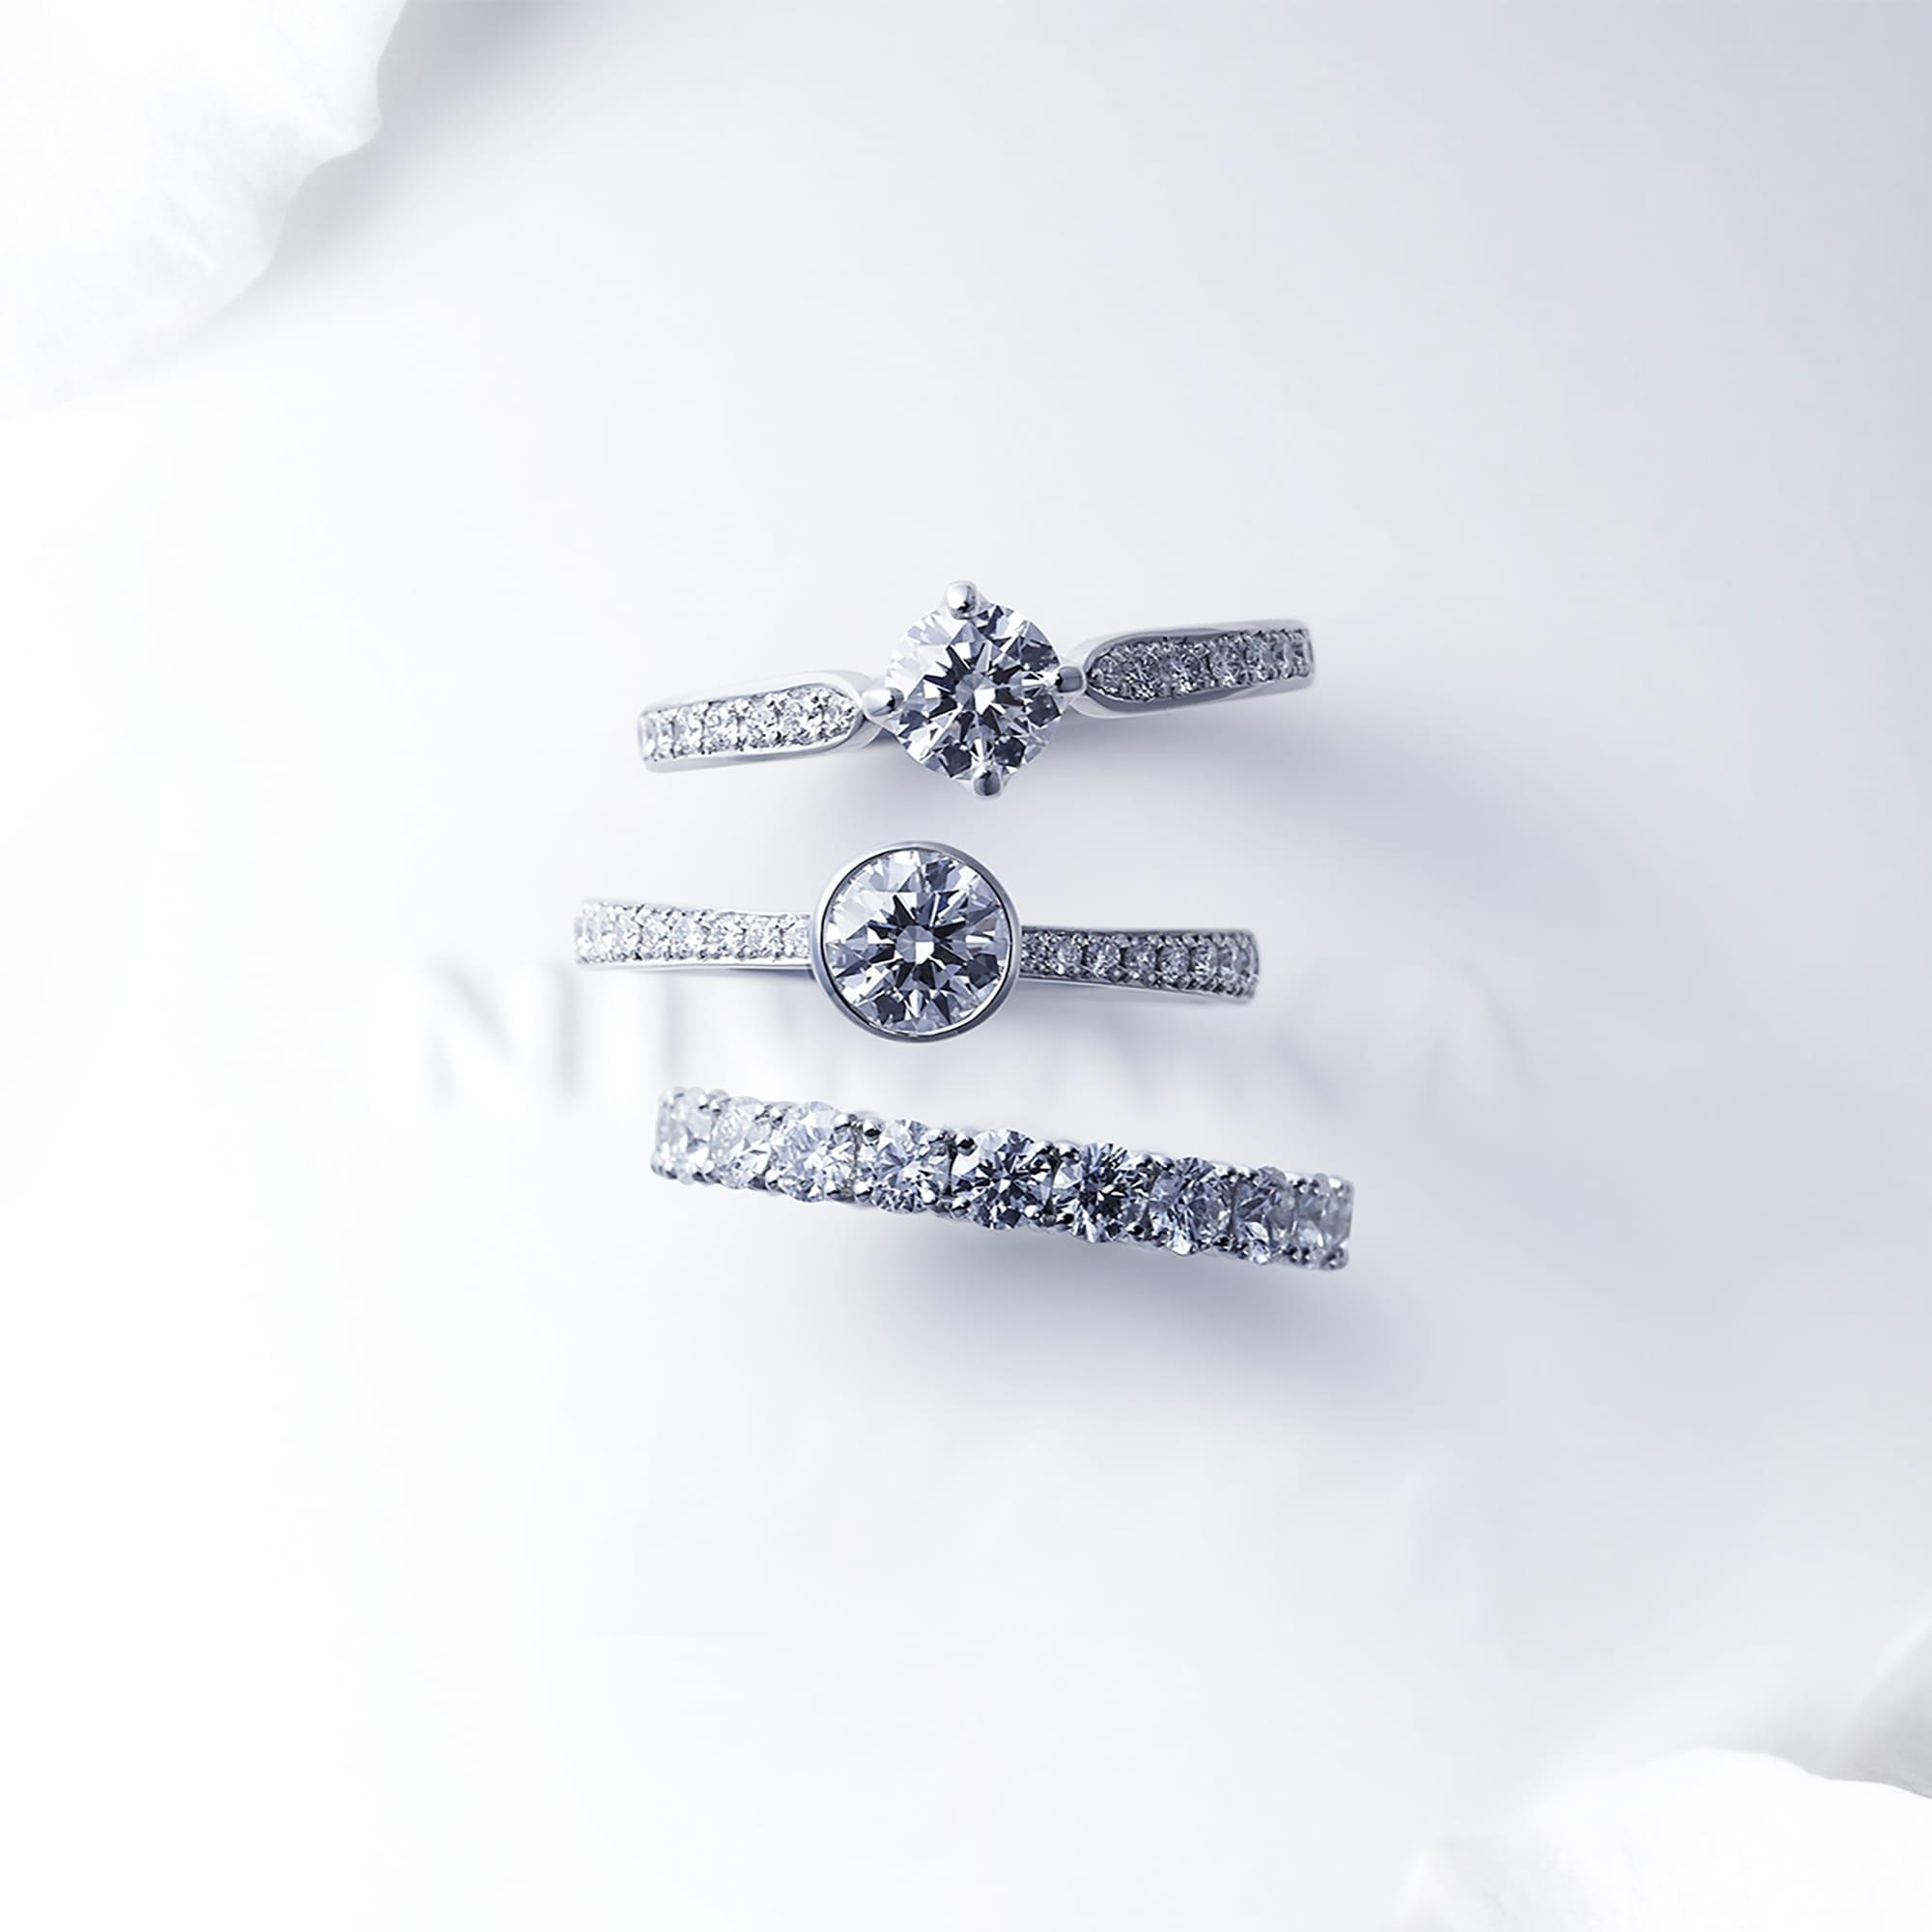 美しい情景が浮かび、祝福する想いが込められたネーミングが特徴的なブライダルジュエリー。 上:「睡蓮 SUIREN」 Pt950・ダイヤモンド ¥301,000~ 中央:「八重霞 YAEGASUMI」Pt950・ダイヤモンド ¥336,000~ 下:「久遠 KUON」Pt950・ダイヤモンド 約2.5㎜幅 ¥735,000~、約3.0㎜幅 ¥1,246,000~、約3.5㎜幅 ¥1,911,000~(価格はすべて税抜き)